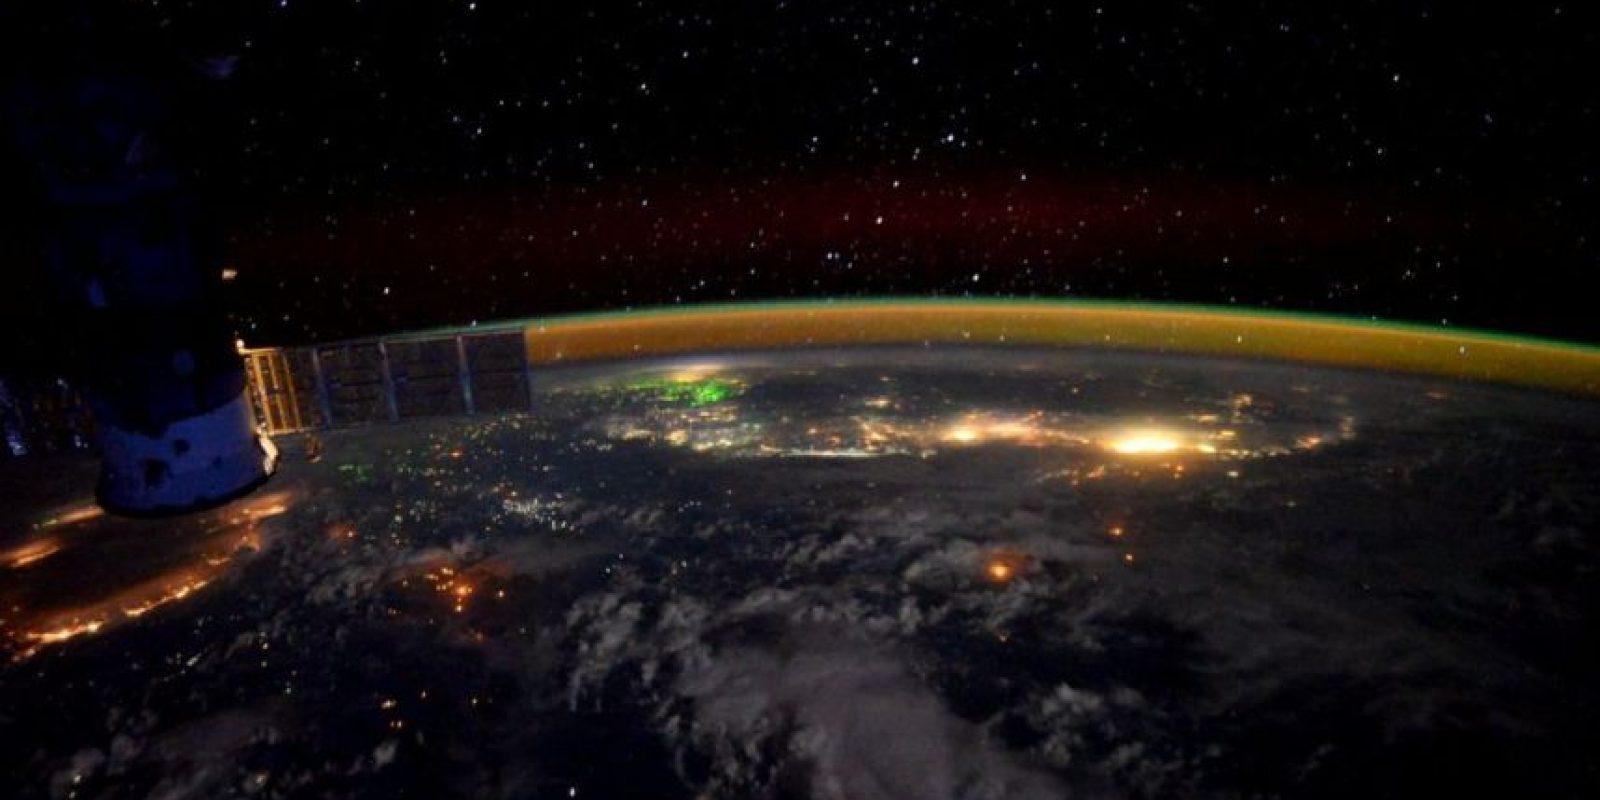 El imponente sureste de Asia. Foto:Vía Twitter @StationCDRKelly